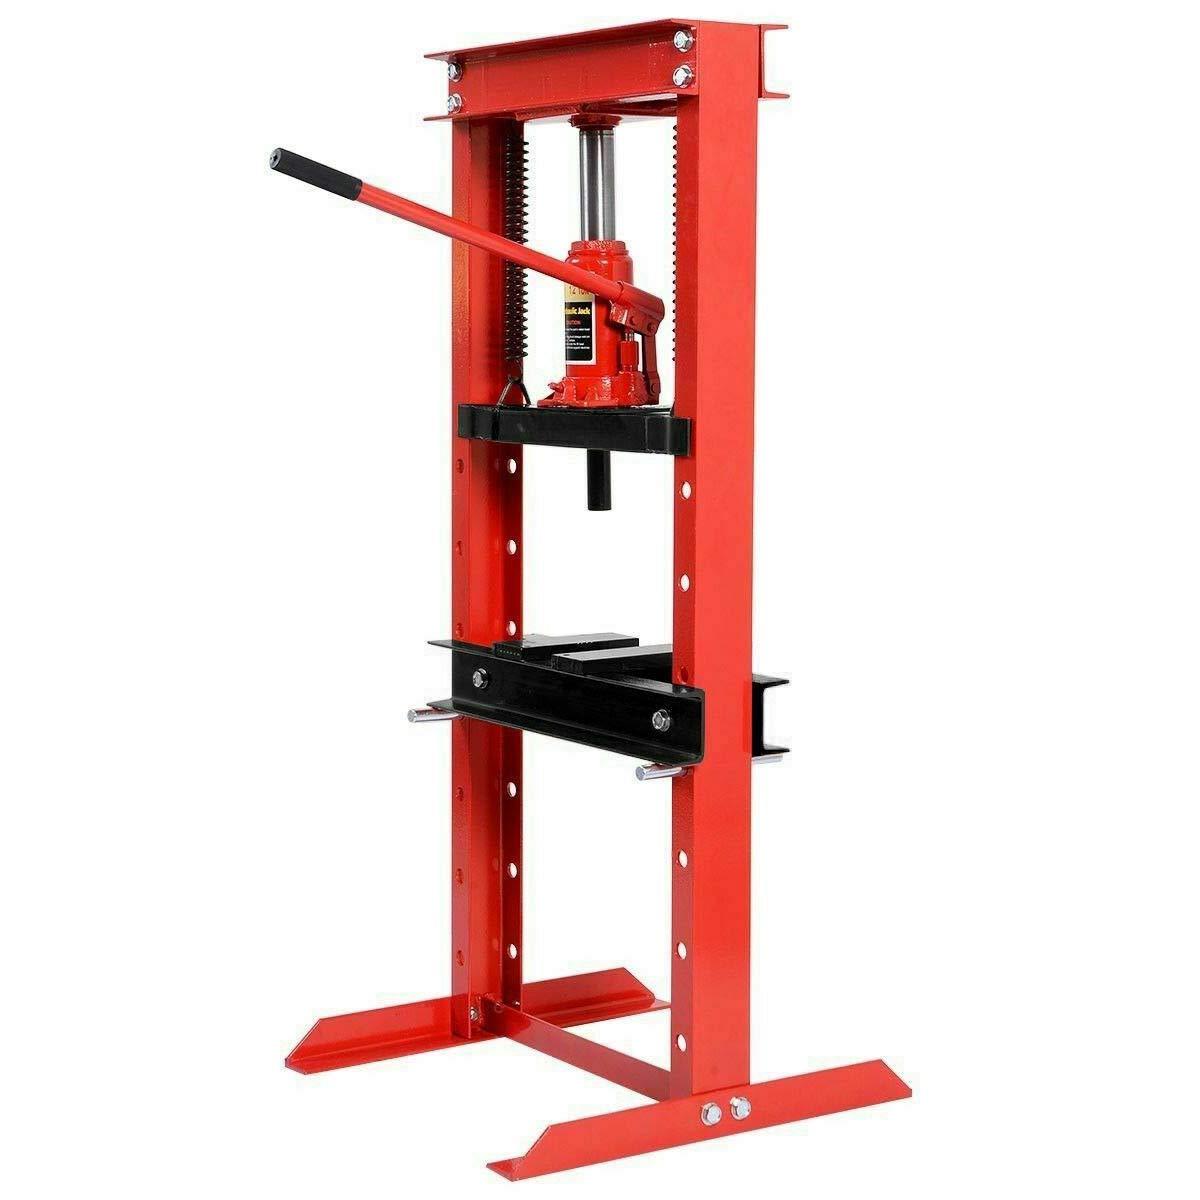 Goplus 12 Ton Hydraulic Floor Shop Press H-Frame w/Heavy Duty Steel Plates by Goplus